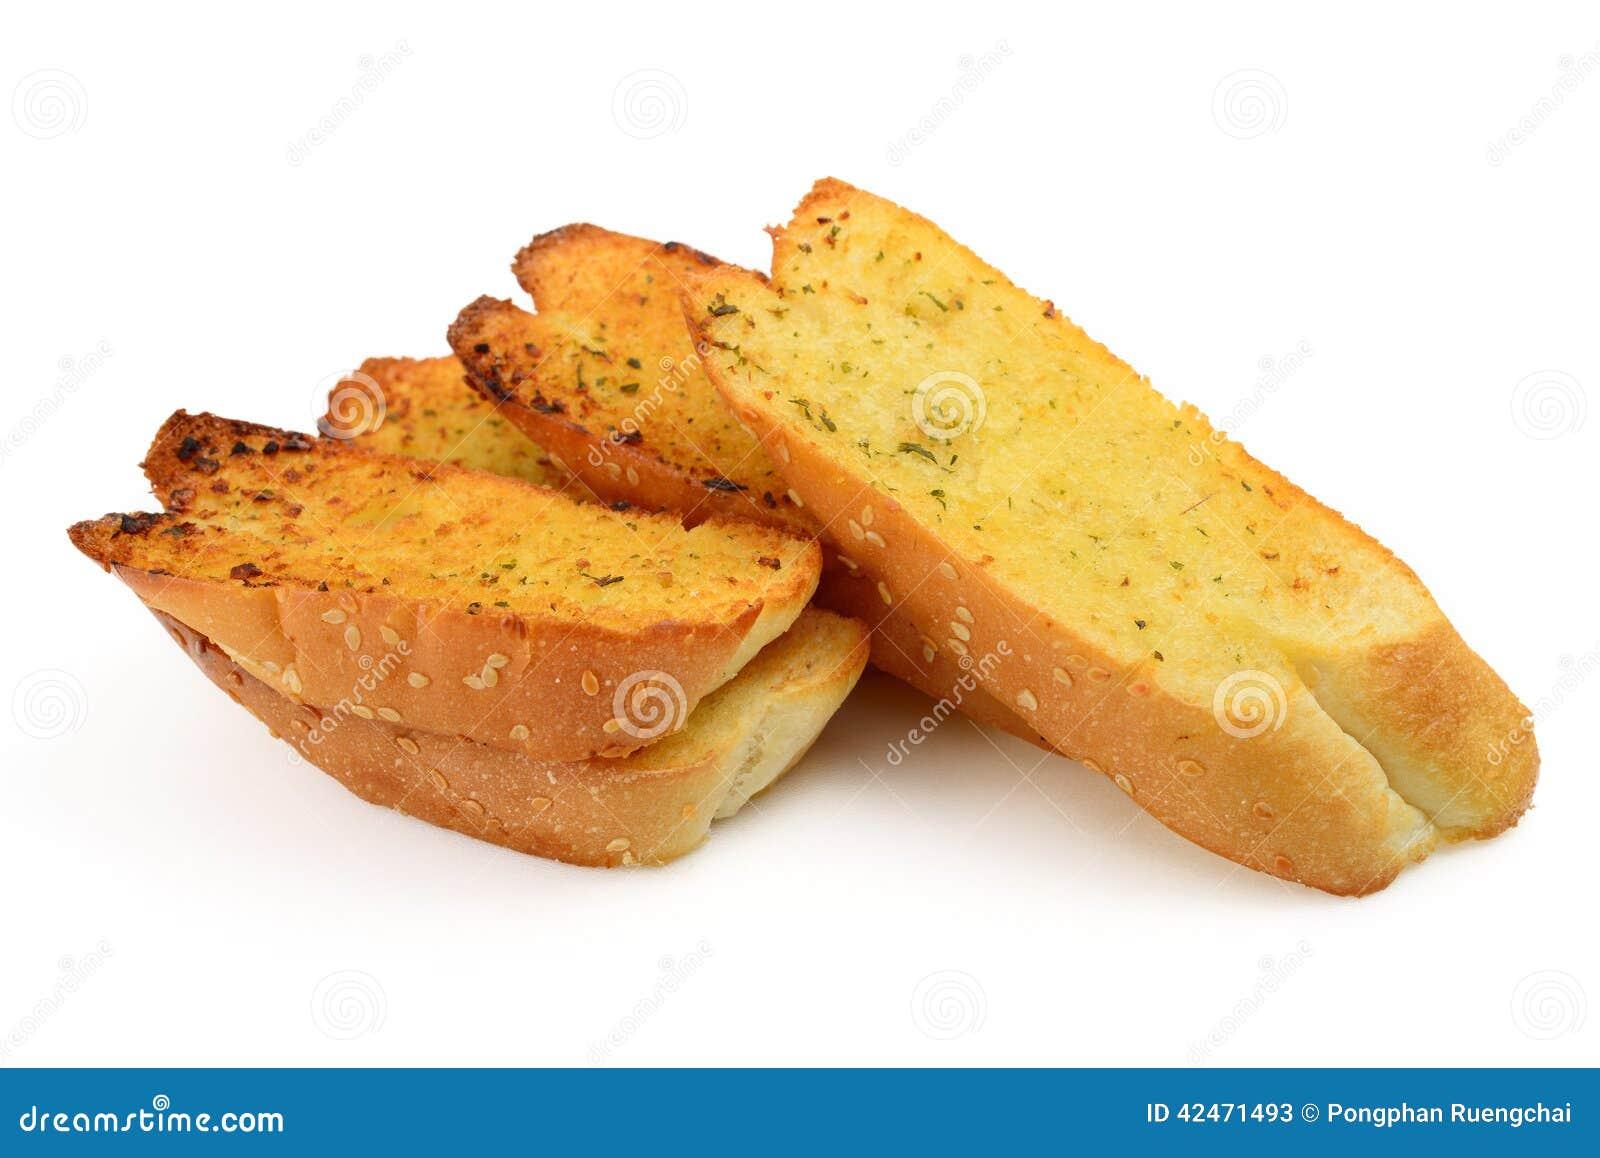 Rösten Sie Brotscheiben in den Streifen im Metalltopf